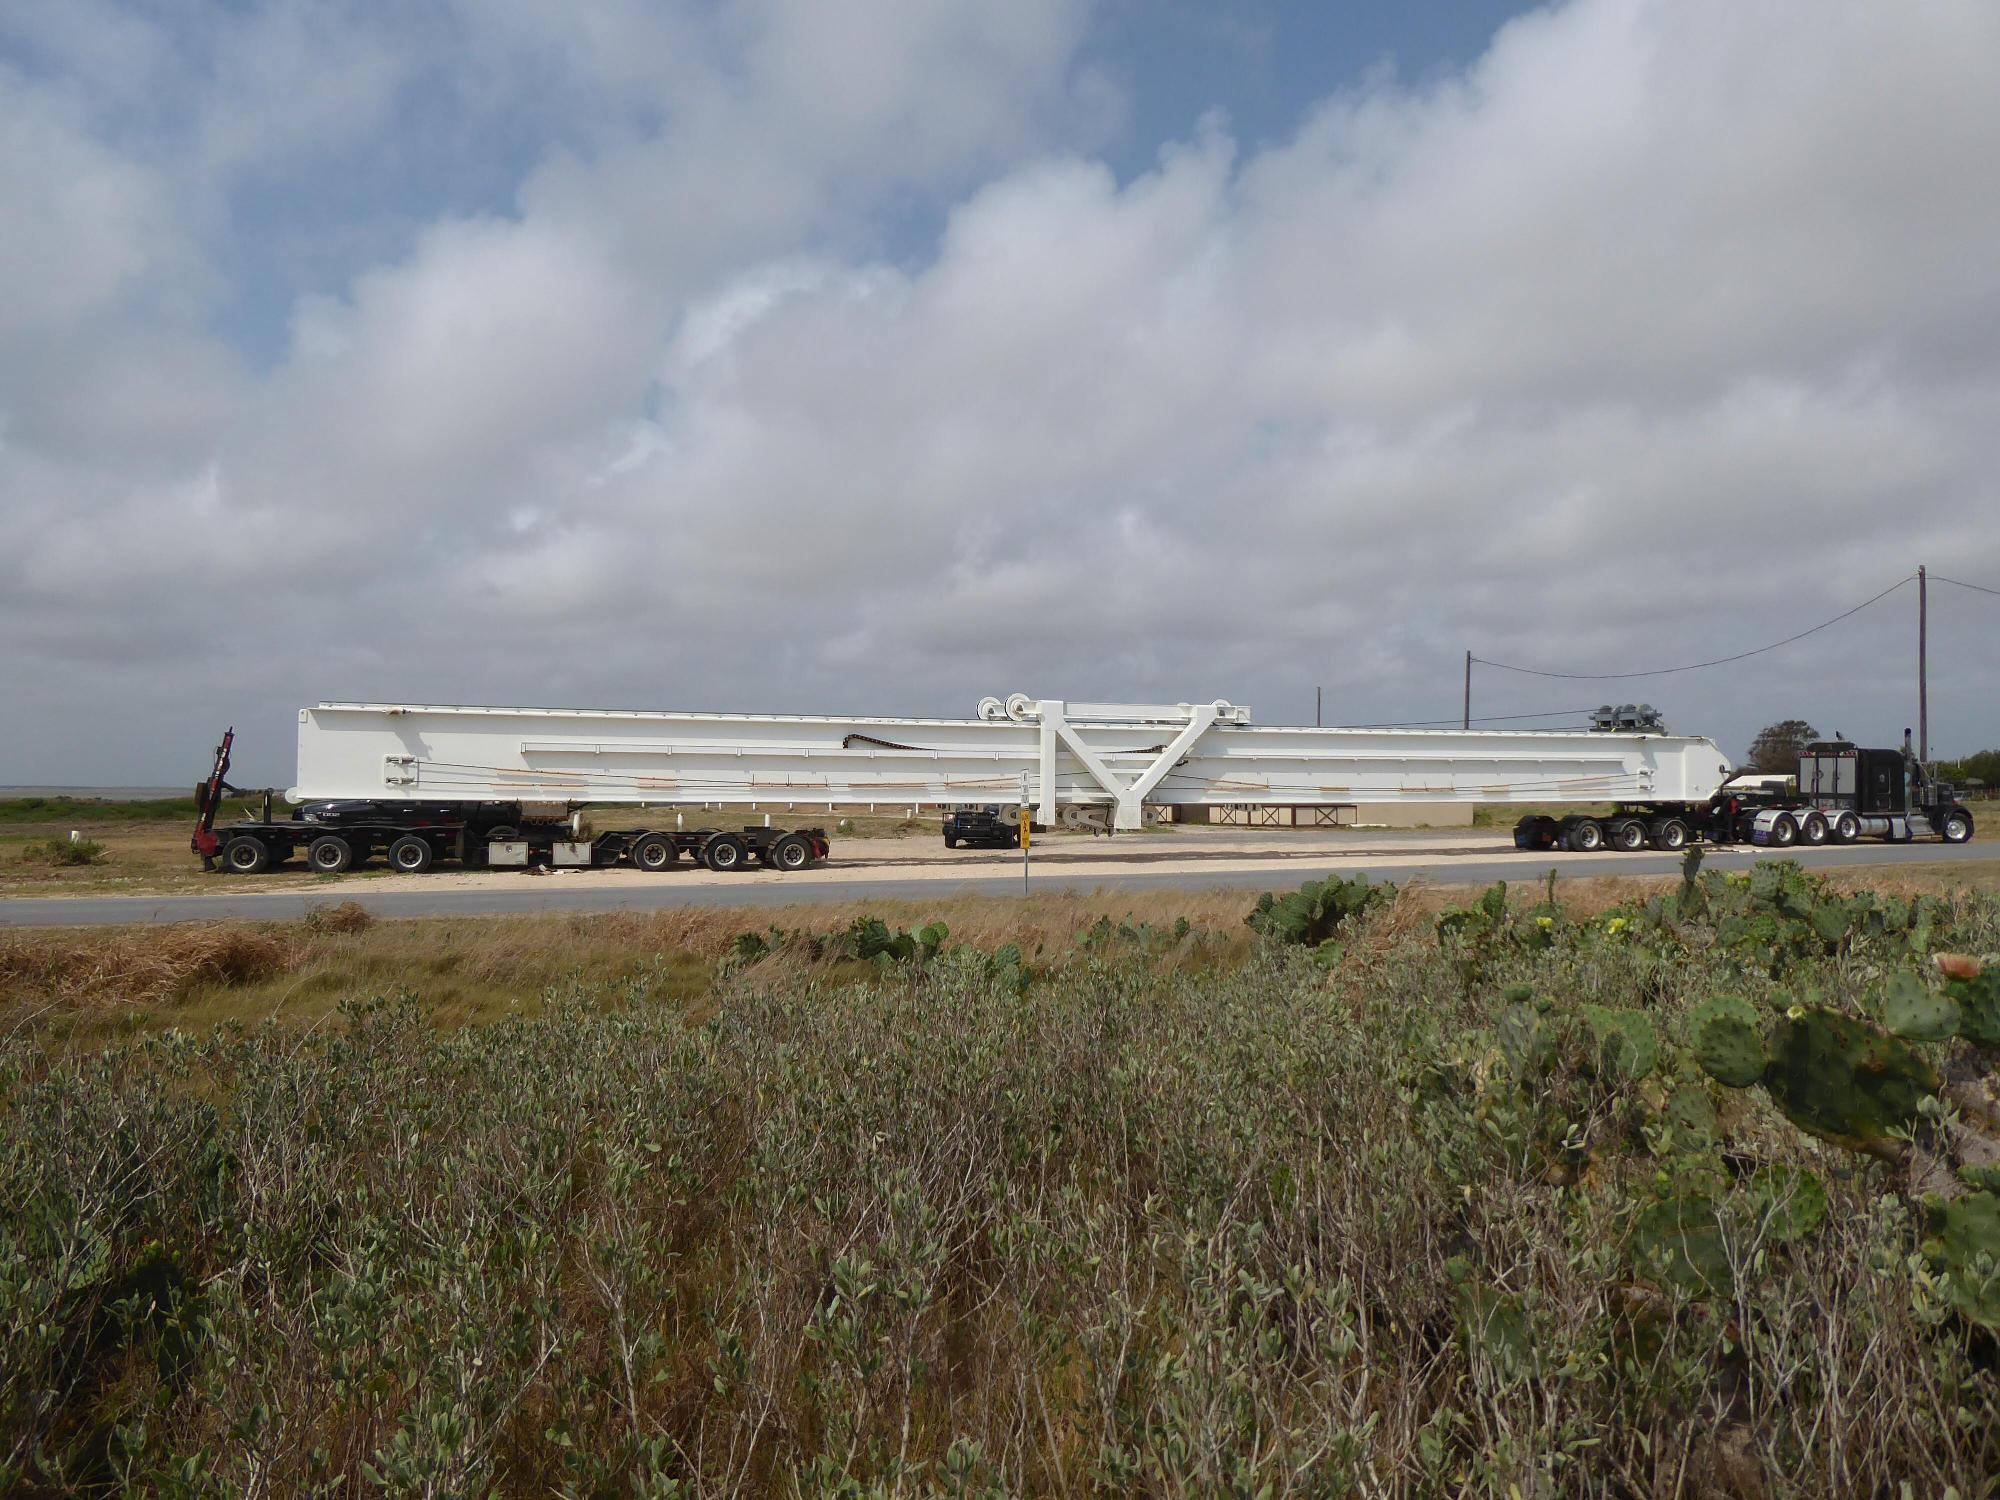 SpaceX Space Exploration Technologies Corporation ist ein privates USamerikanisches Raumfahrtunternehmen Das Unternehmen wurde mit dem Ziel gegründet